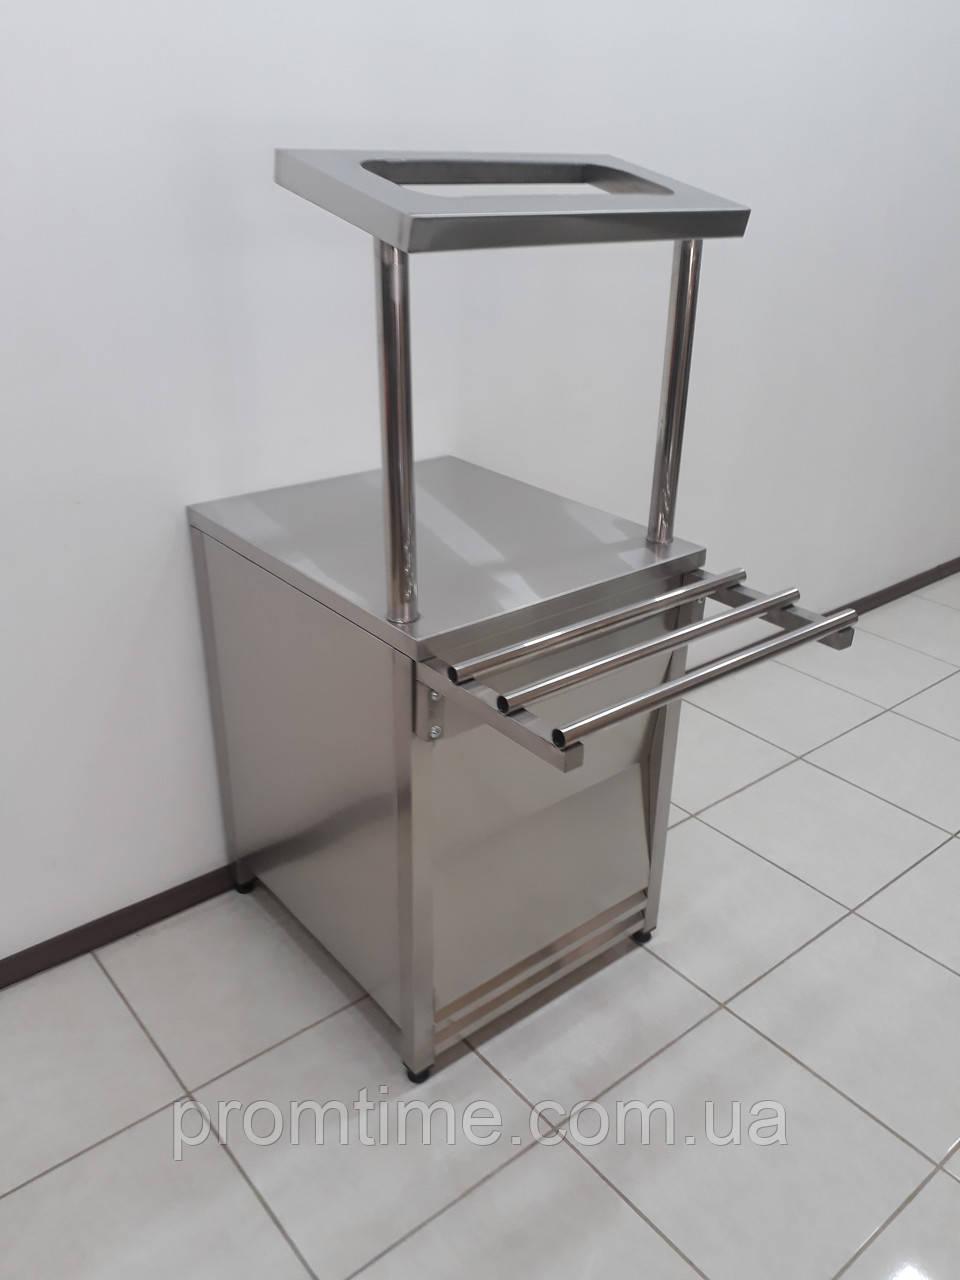 Диспенсер для столовых приборов 600х700х1500